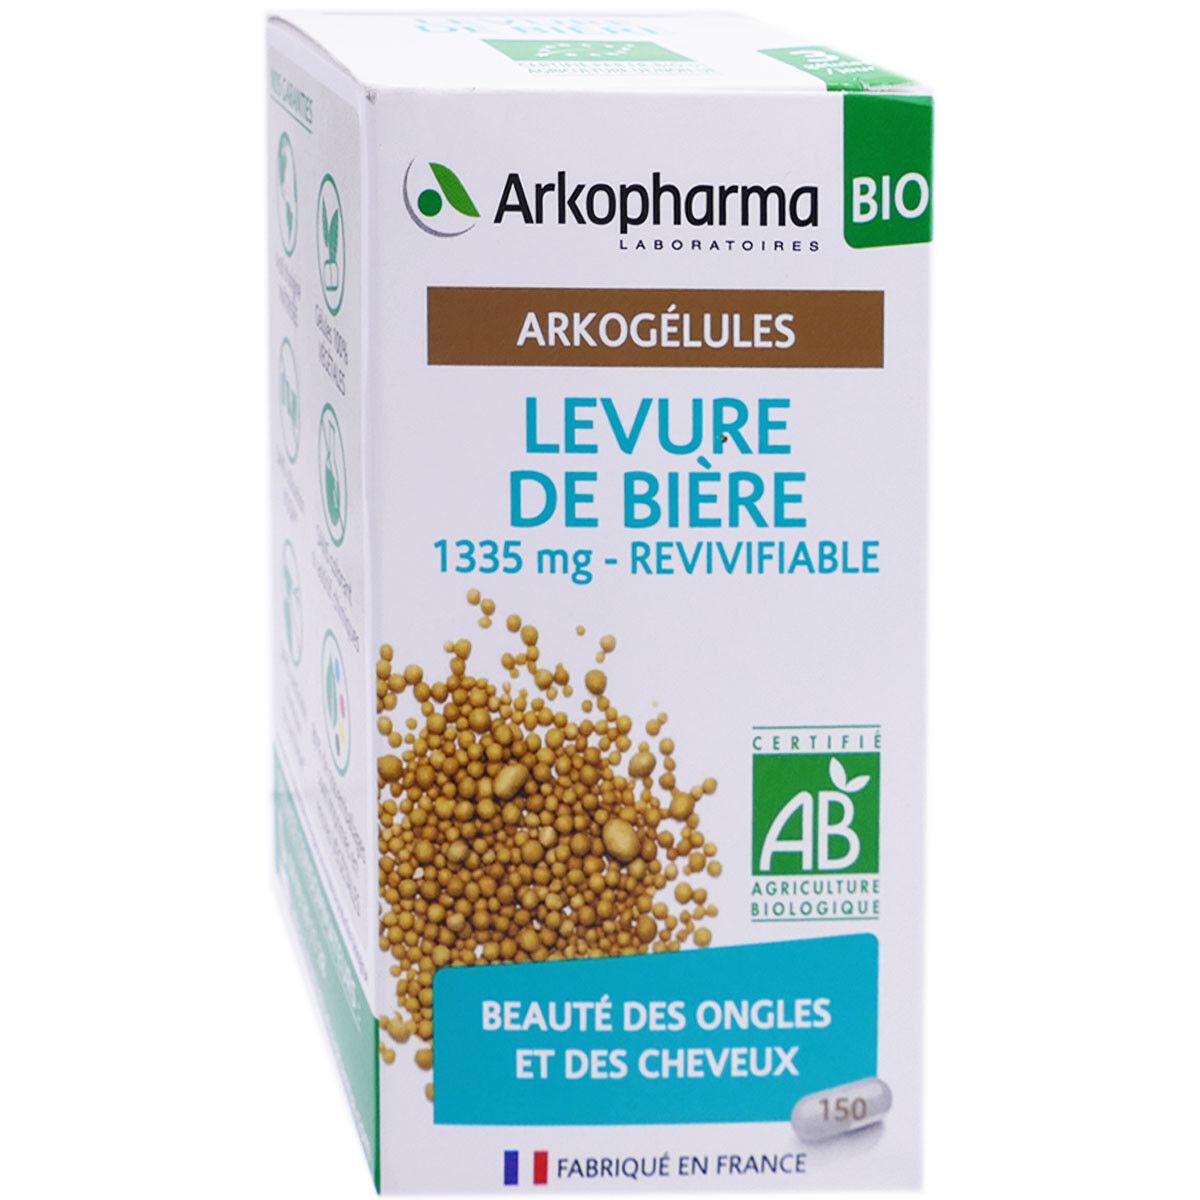 Arkopharma arkogelules bio levure de biere 150 gelules